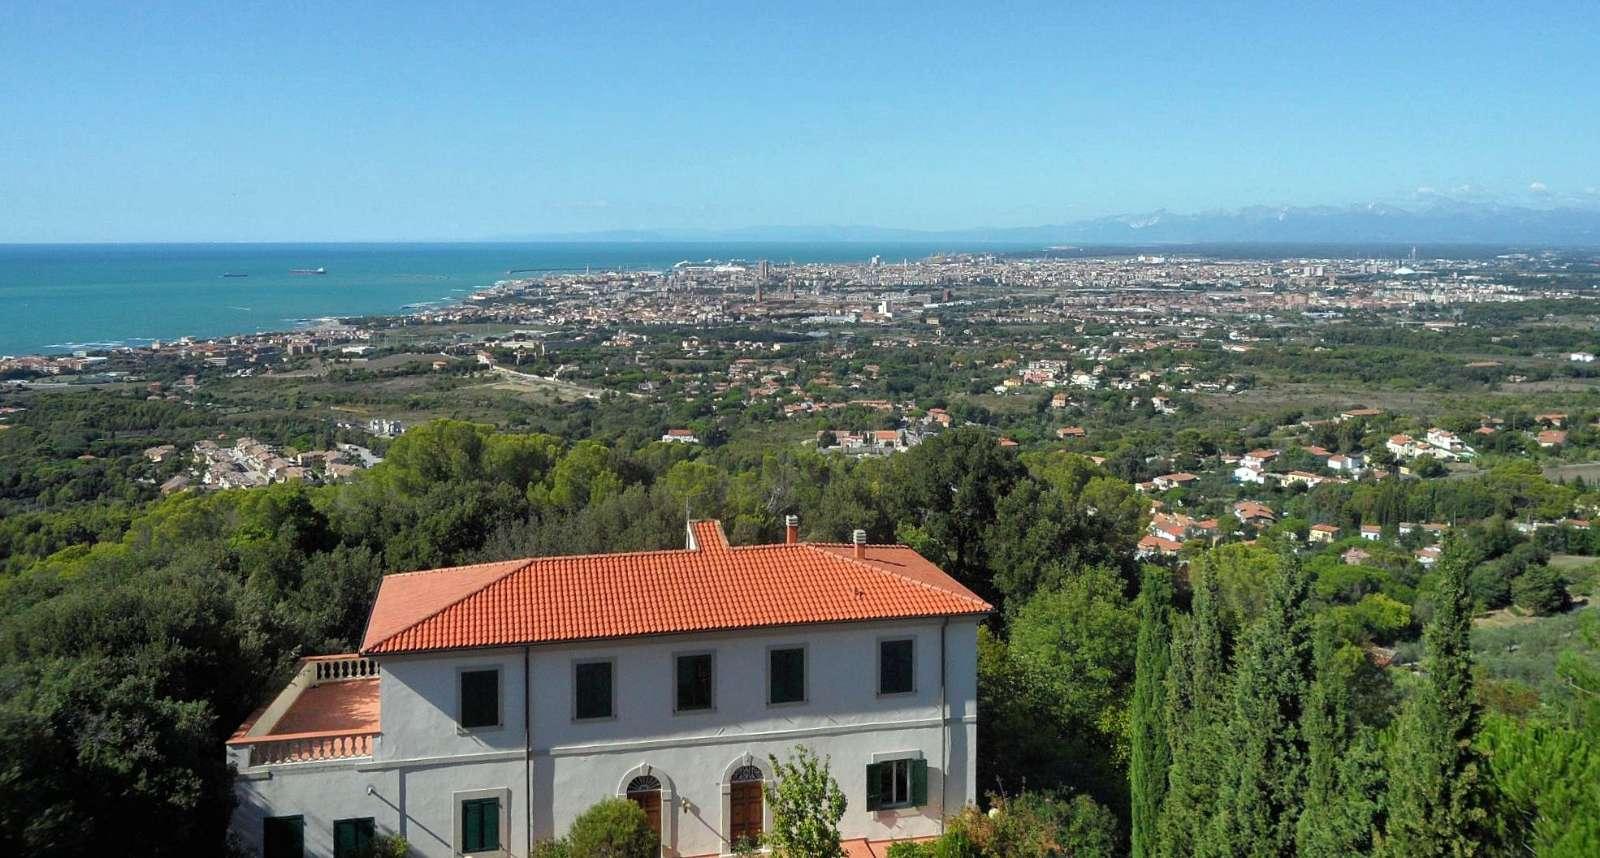 Utsikt till Livorno